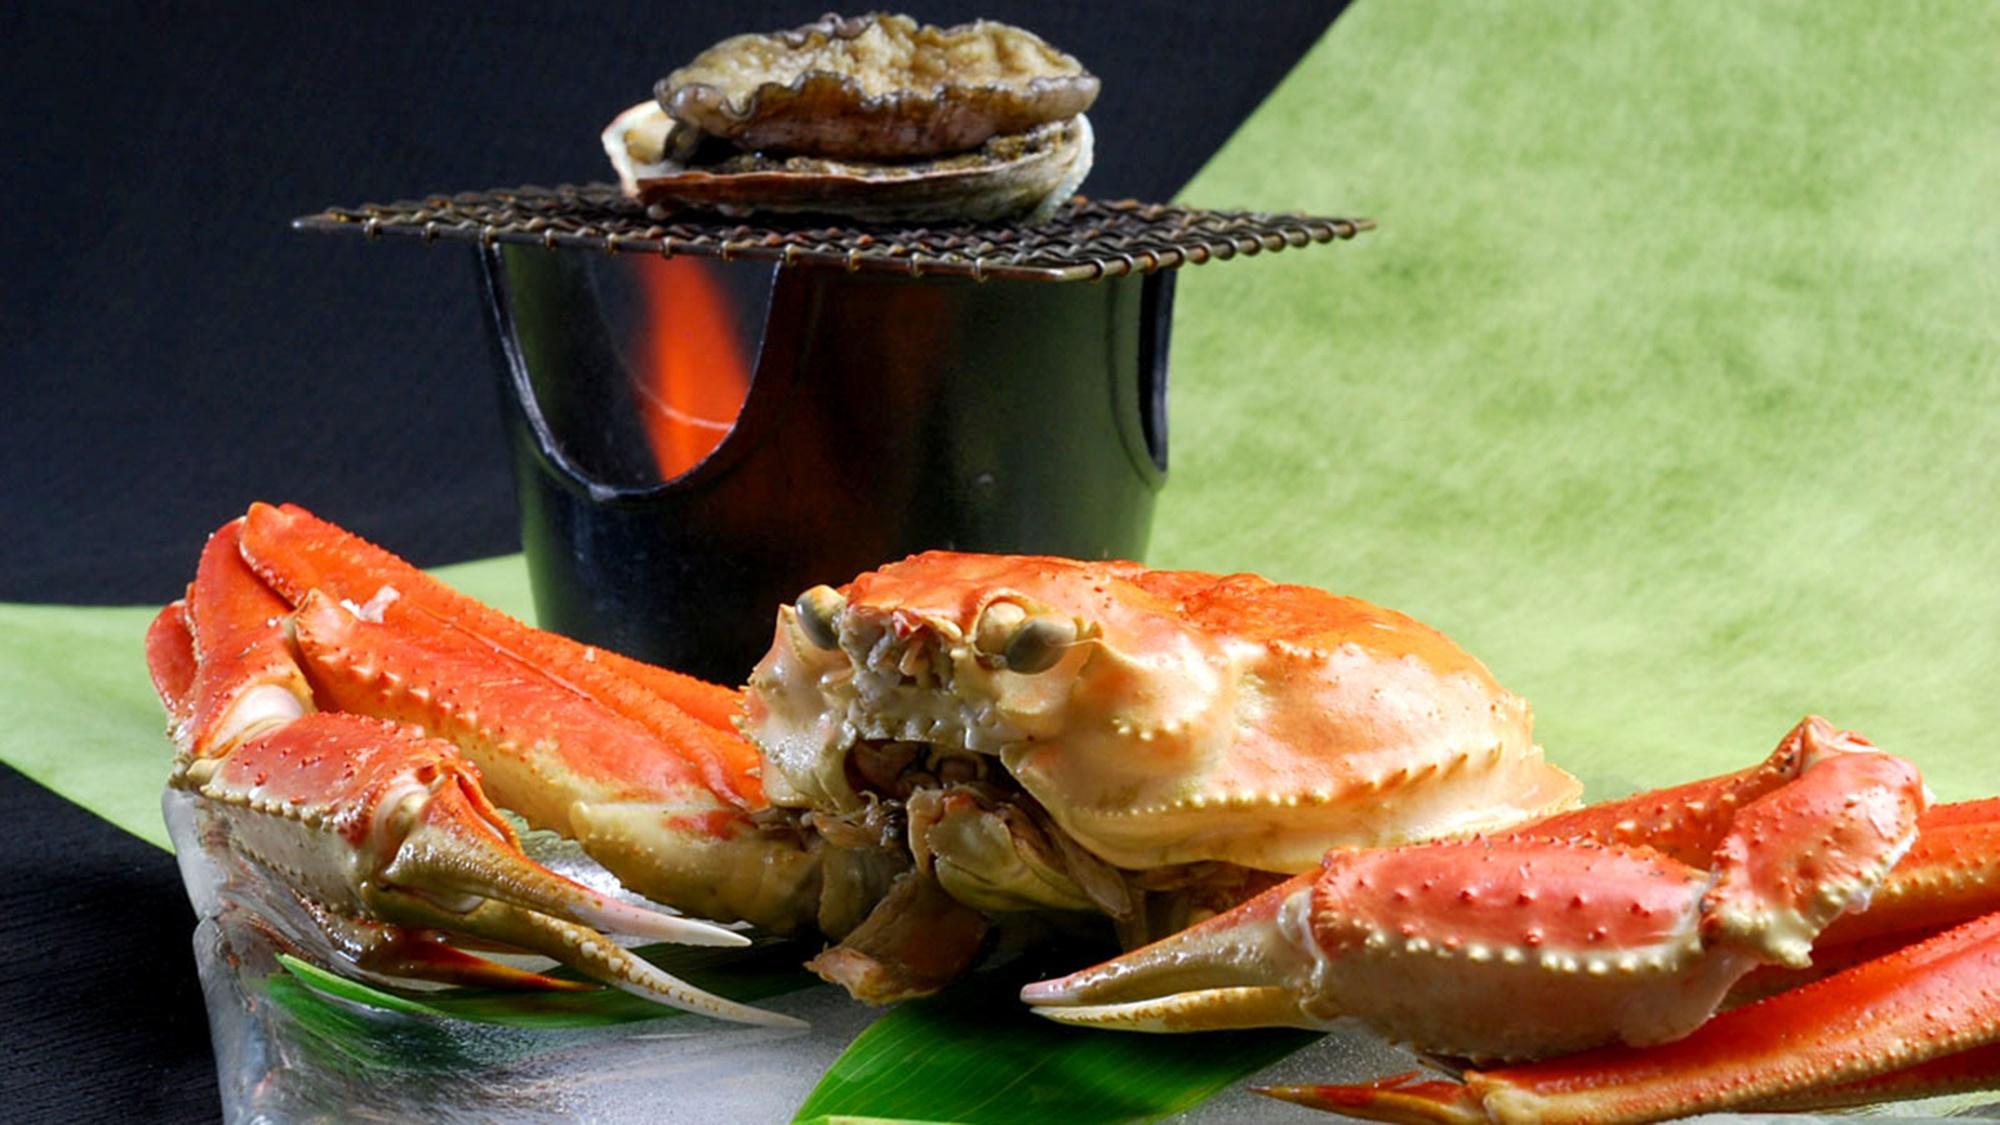 【選べるメイン】『新鮮!プリプリ鮑踊り焼き』or『ど~んと一杯のズワイ蟹(冷凍)』+能登の海の幸会席